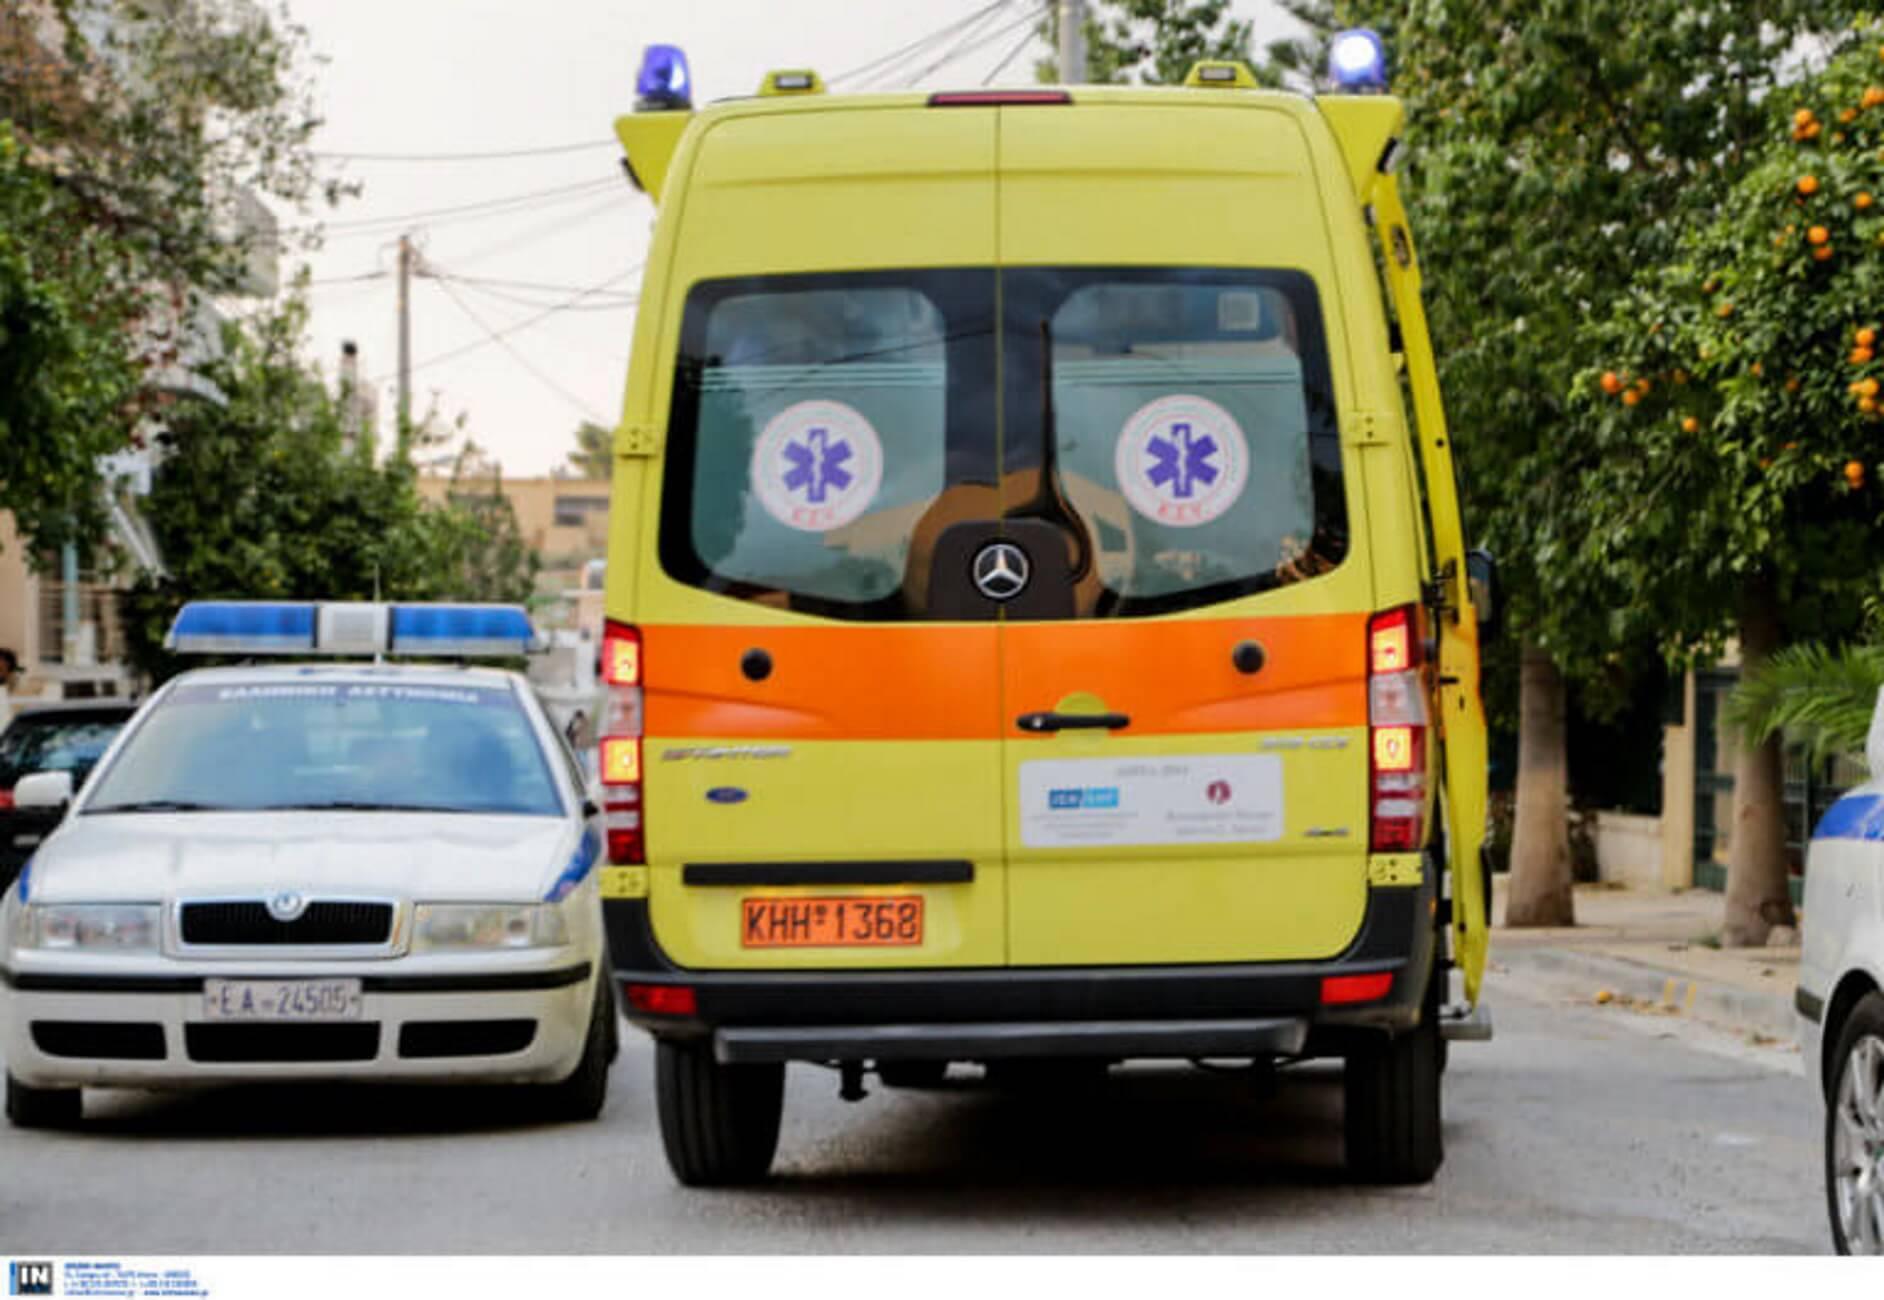 Βόλος: Ακρωτηριάστηκε 30χρονη γυναίκα – Έχασε το ένα της δάχτυλο από κροτίδα που έσκασε στα χέρια της!